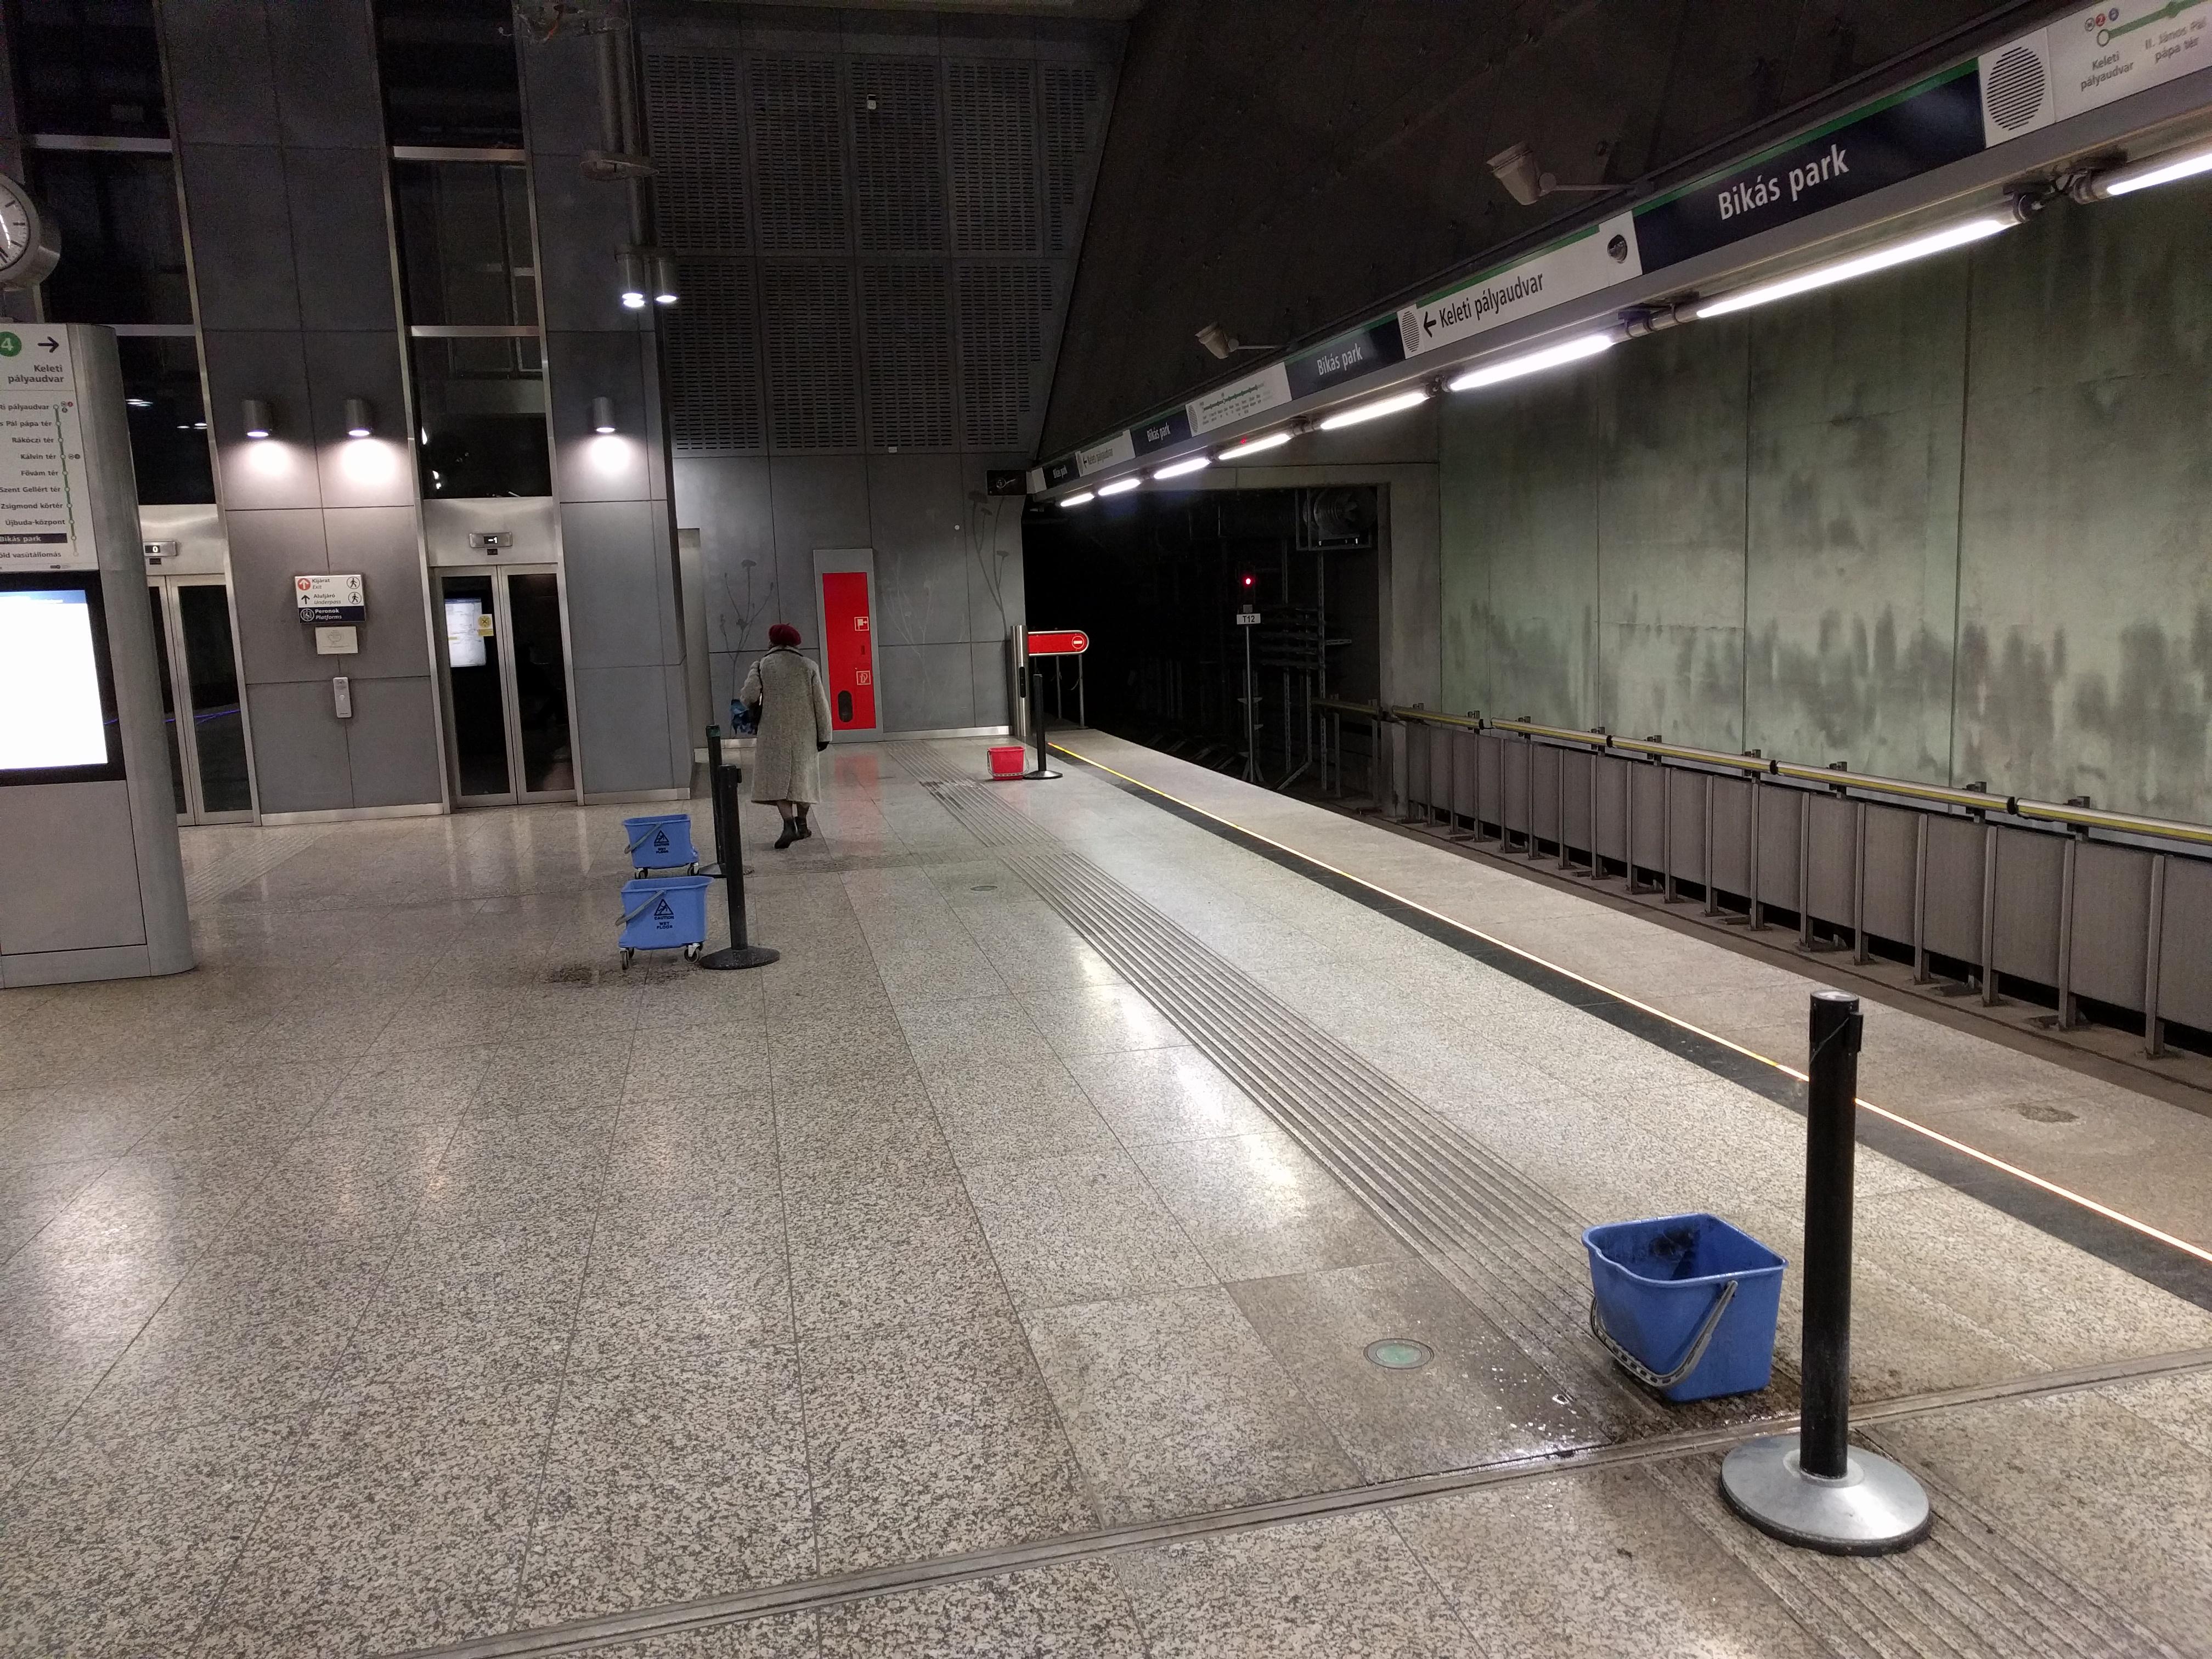 Ázik a metró a Bikás Parknál